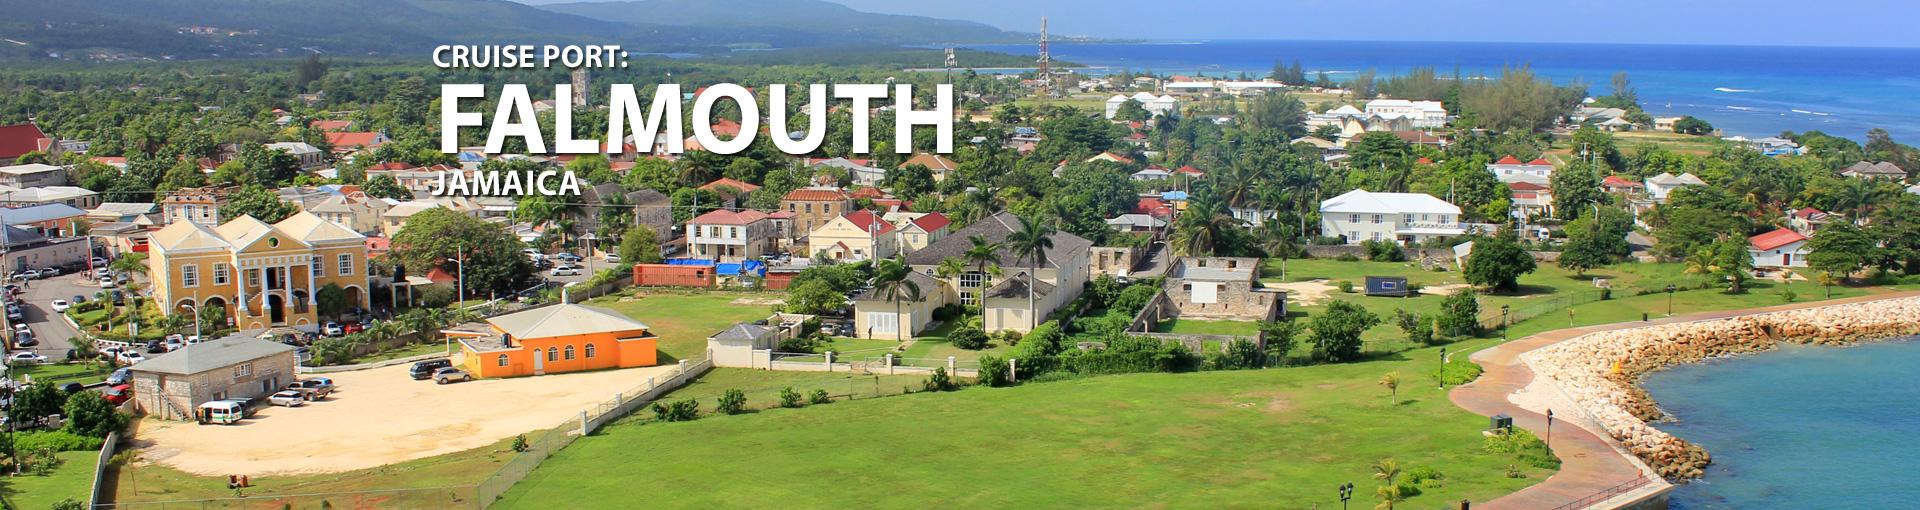 Cruises to Falmouth, Jamaica